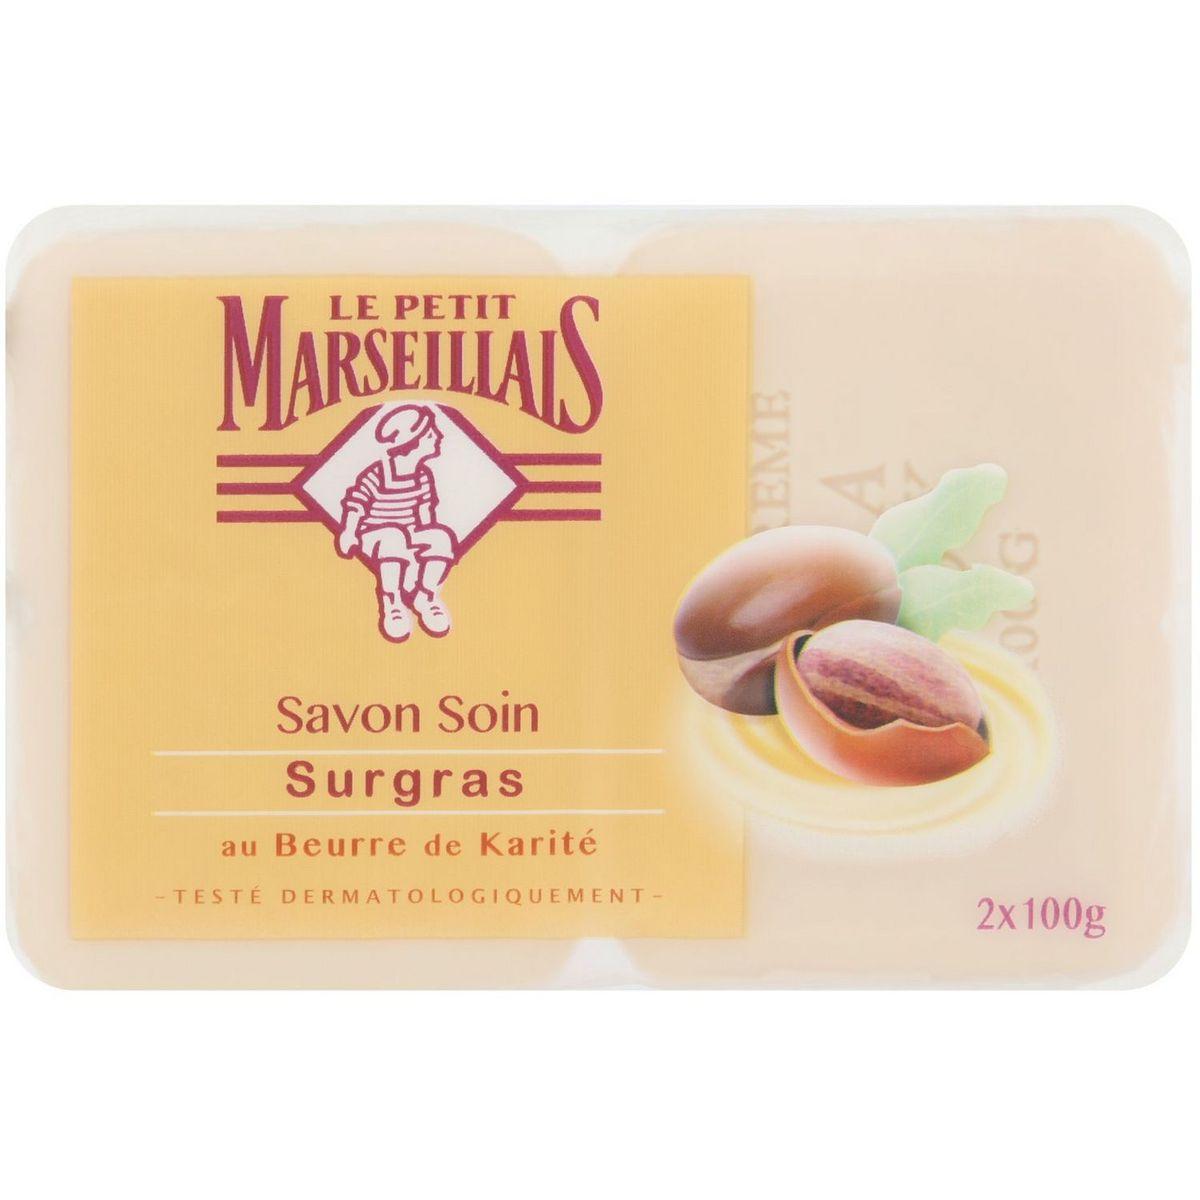 Savon surgras au beurre de karité, Le Petit Marseillais ( 2 x 100 g)